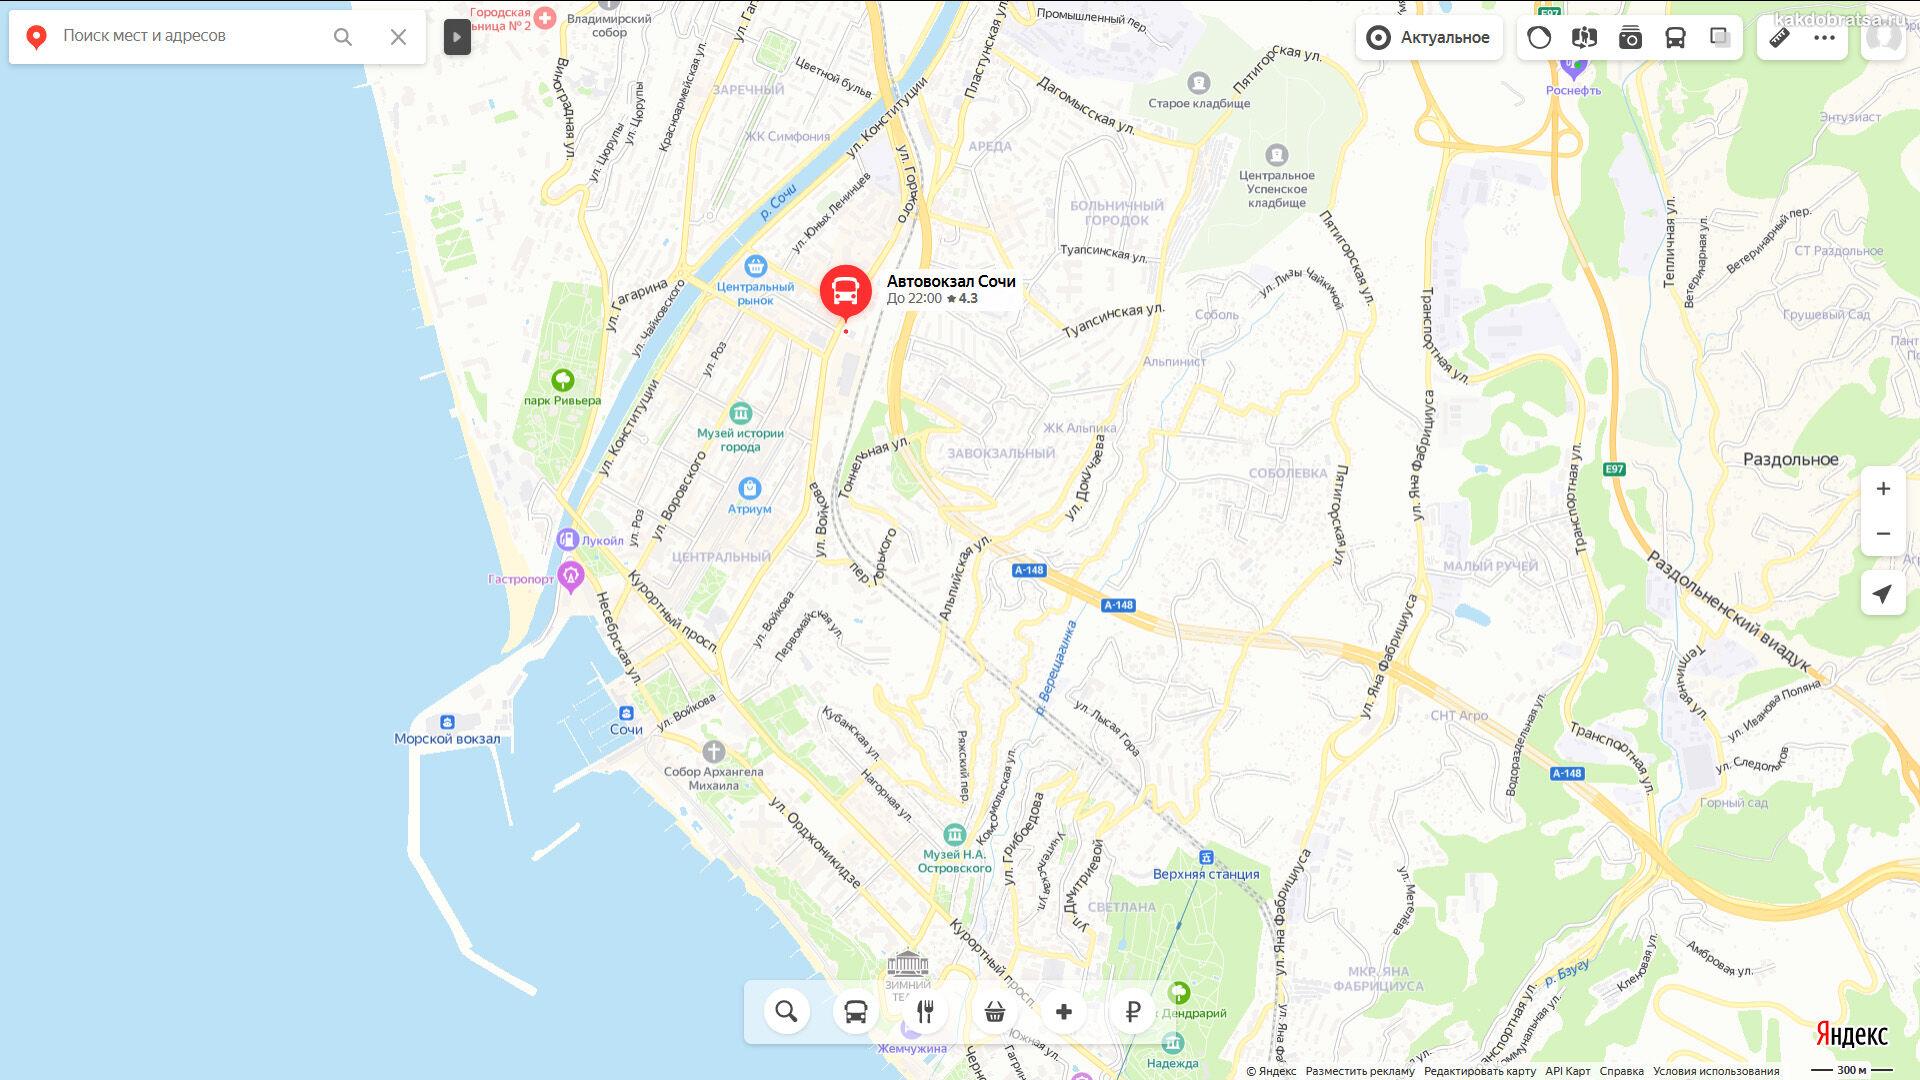 Автовокзал Сочи на карте где находится, адрес и как добраться